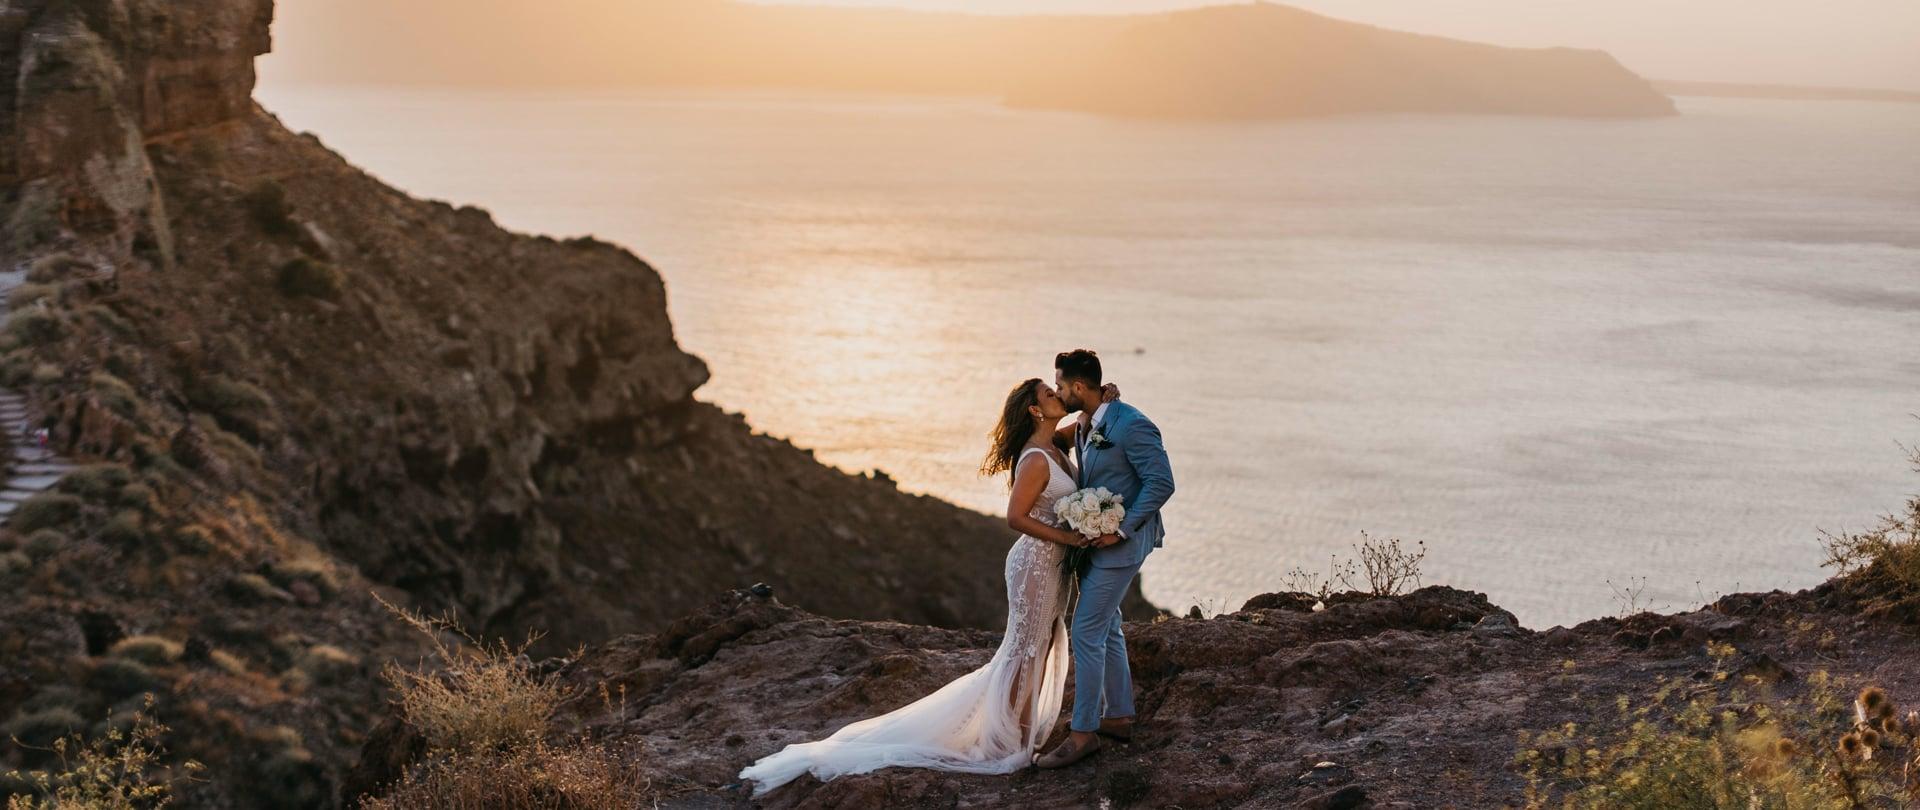 Katerina & Daniel Wedding Video Filmed at Santorini, Greece